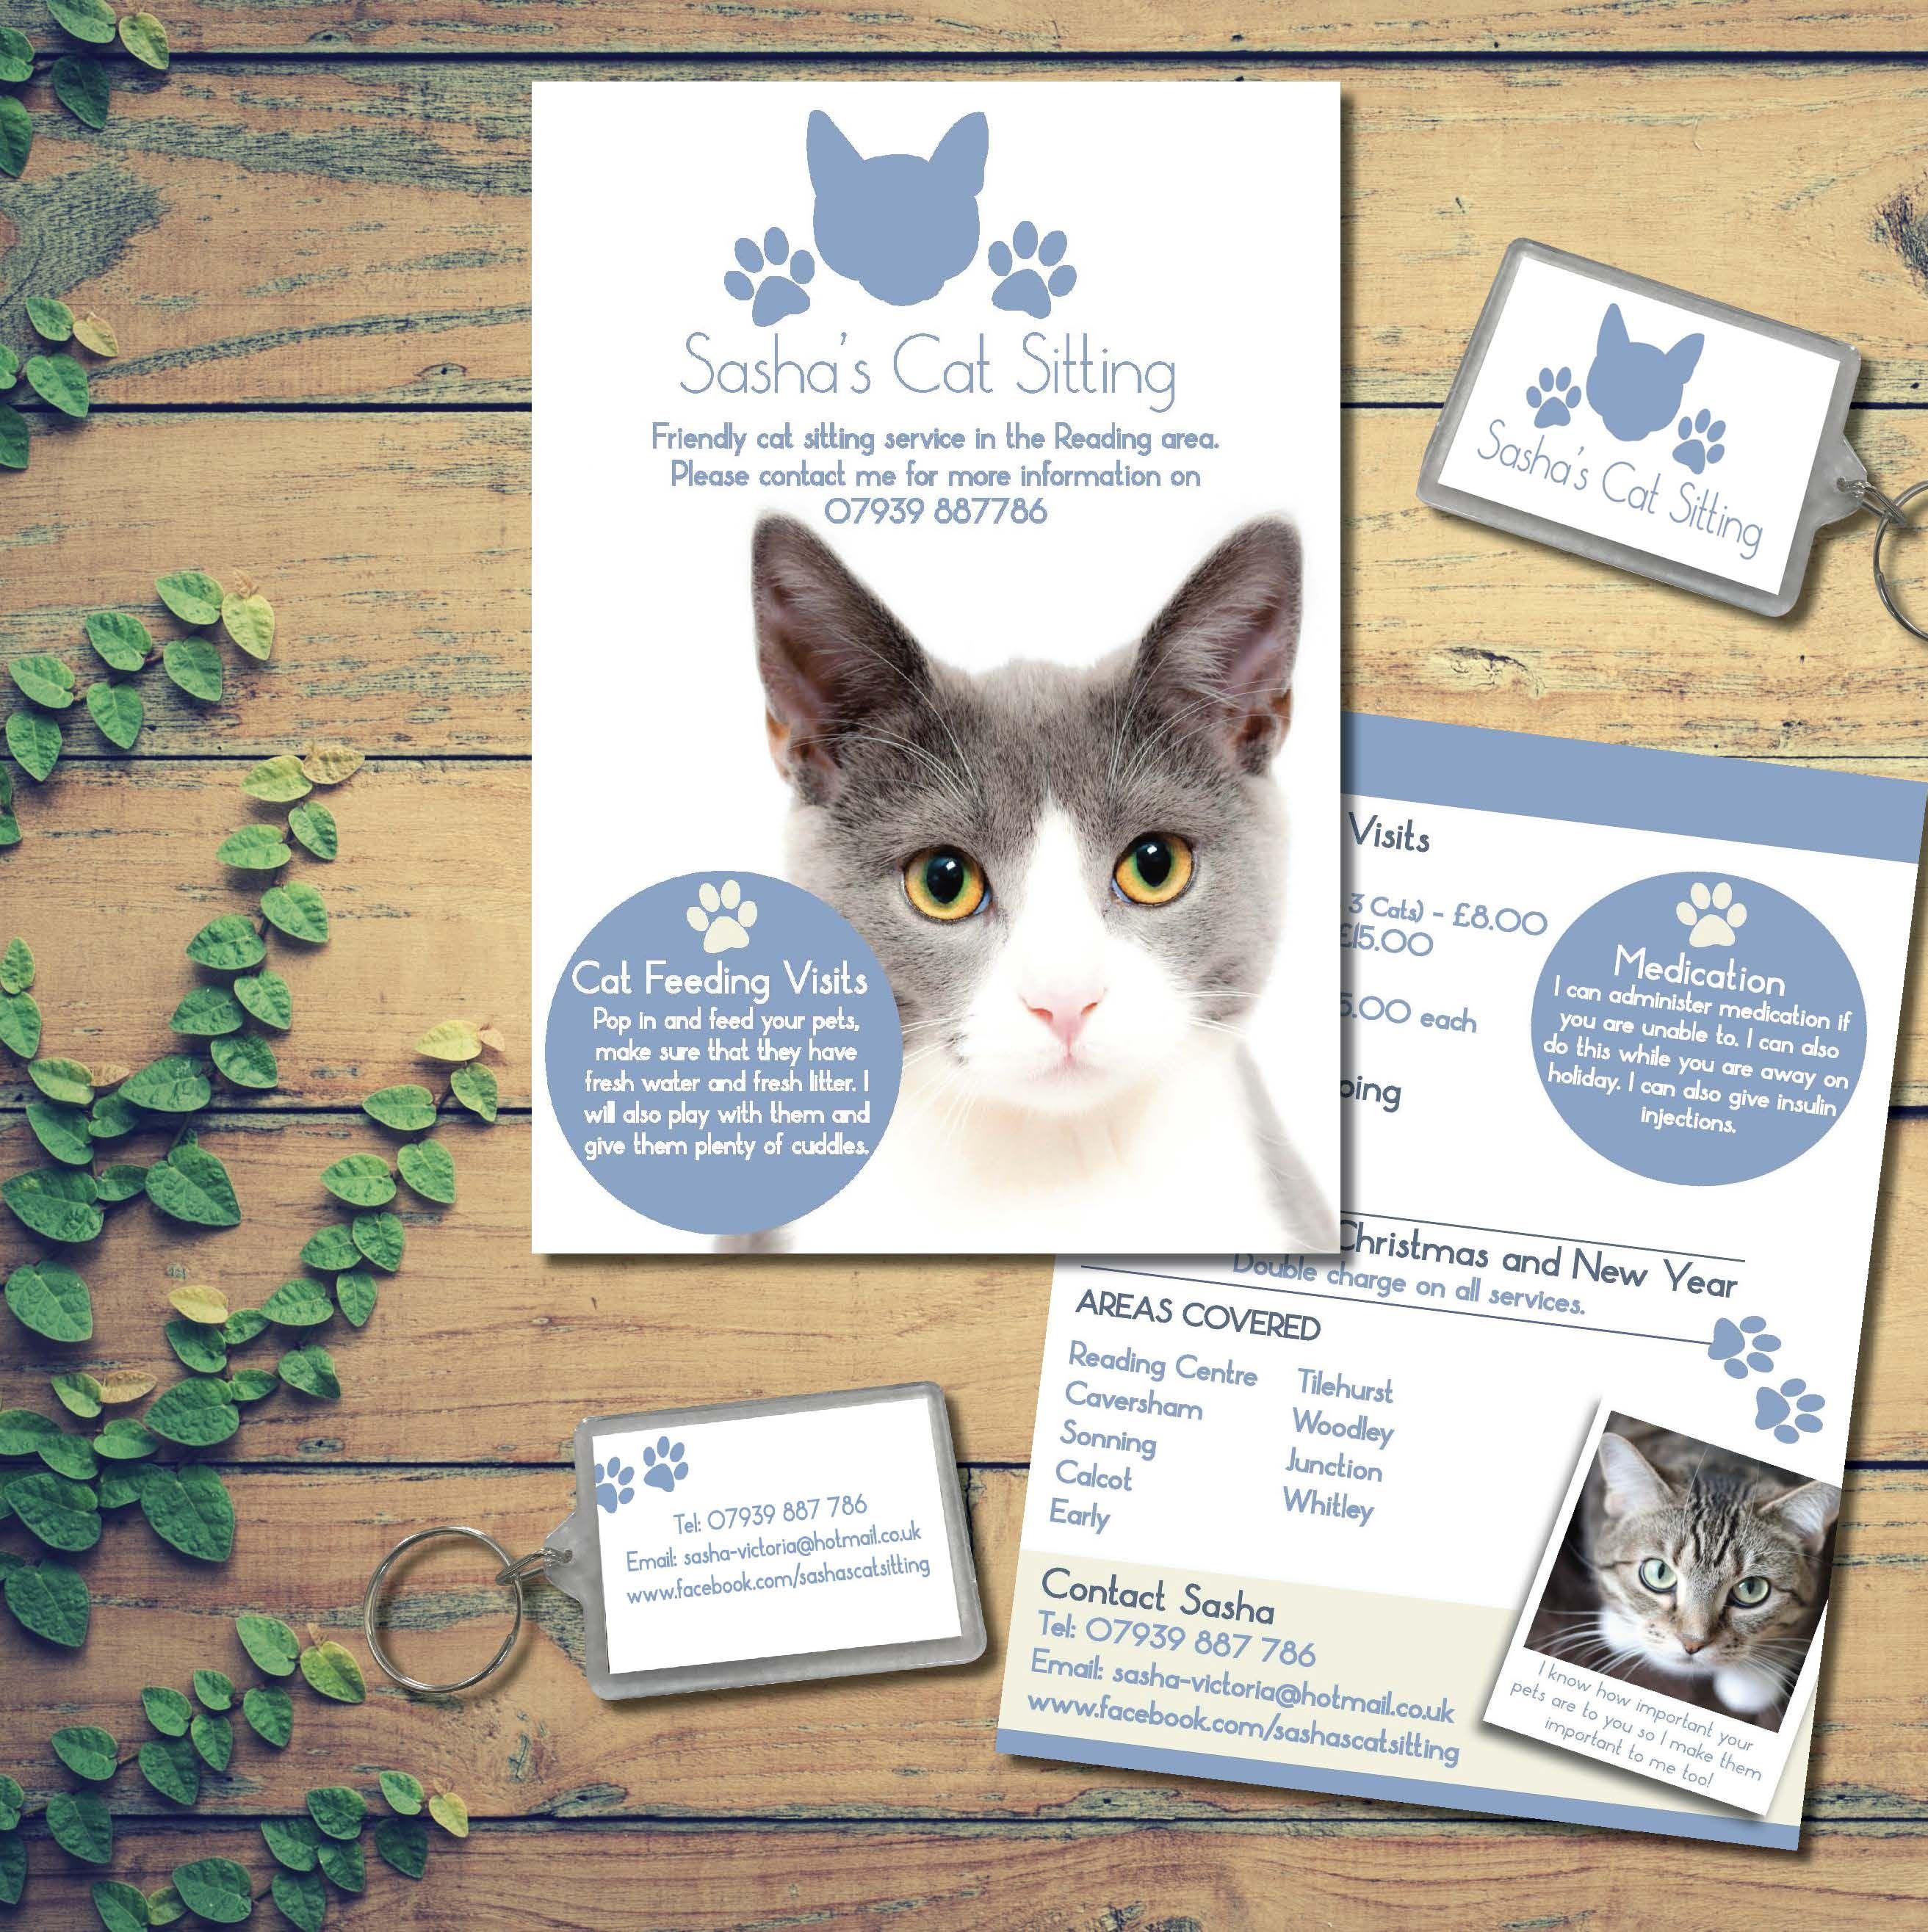 Keyring And Leaflet Design For Sasha S Cat Sitting Cat Sitting Cat Feeding Leaflet Design